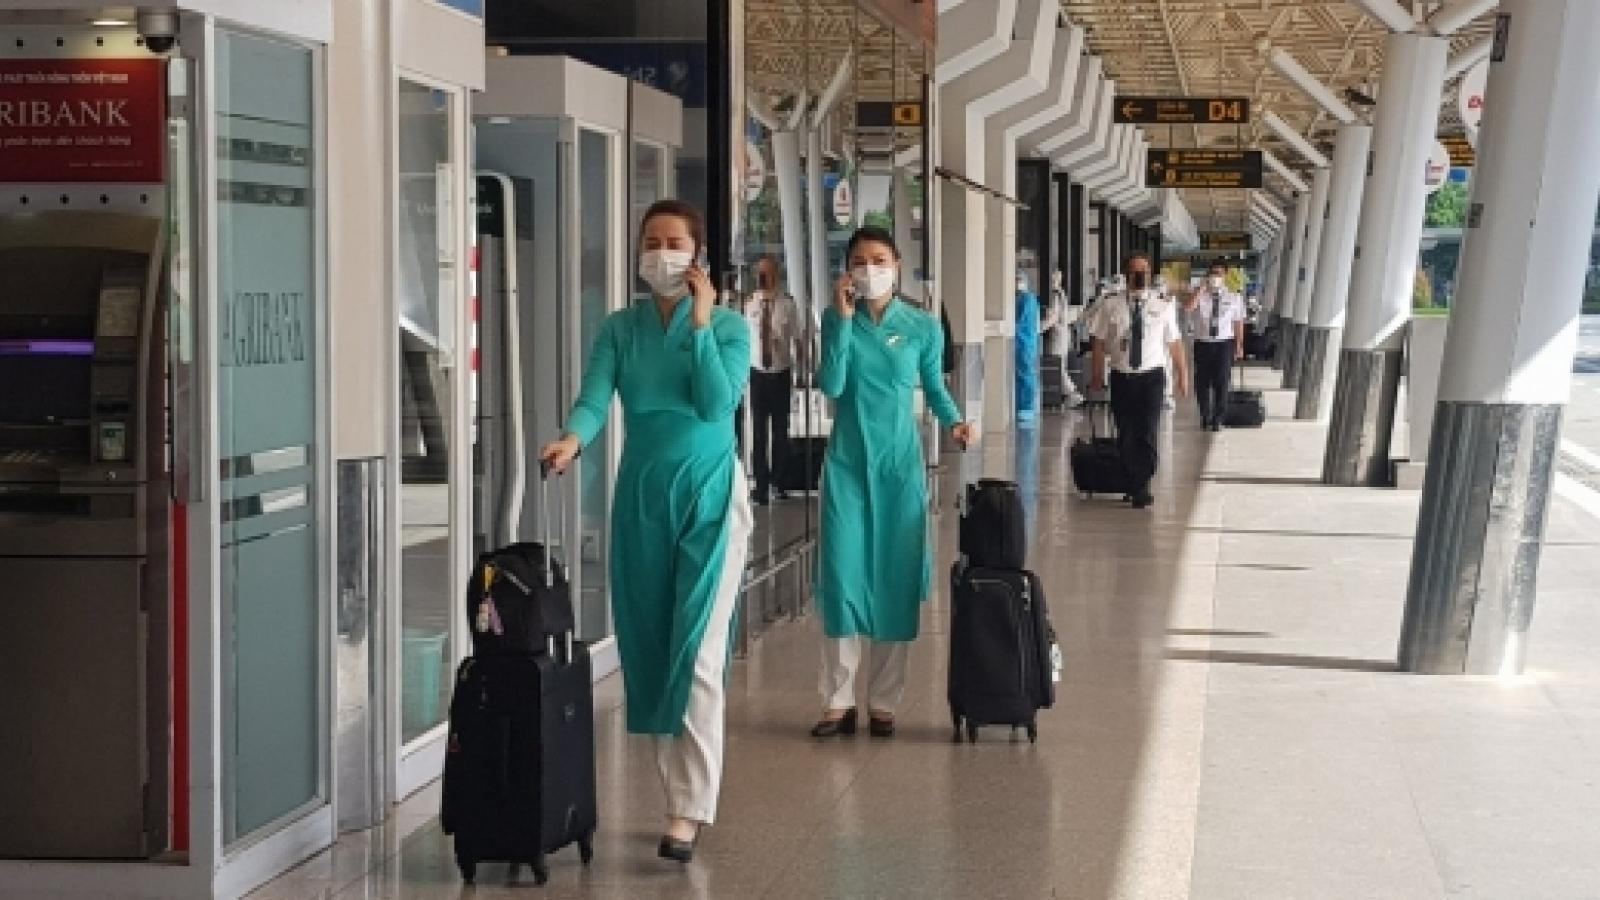 Sân bay Tân Sơn Nhất ngày đầu tiên khôi phục bay nội địa